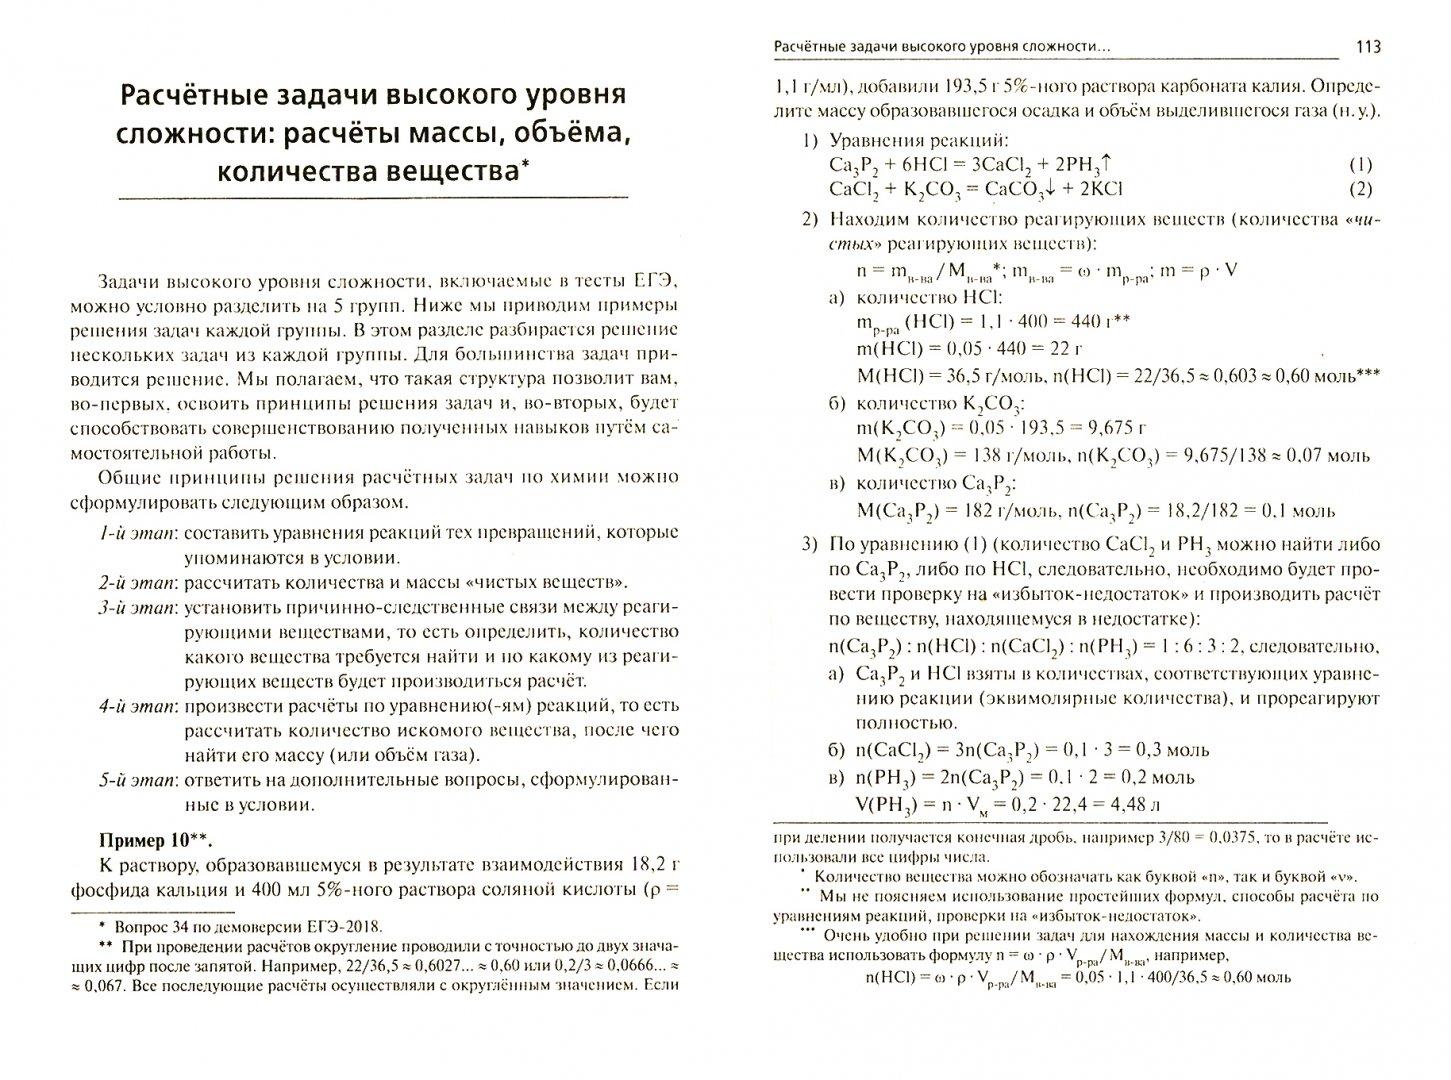 Иллюстрация 1 из 8 для ЕГЭ Химия. 10-11 класс. Задания высокого уровня сложности. Учебно-методическое пособие - Доронькин, Сажнева, Бережная | Лабиринт - книги. Источник: Лабиринт